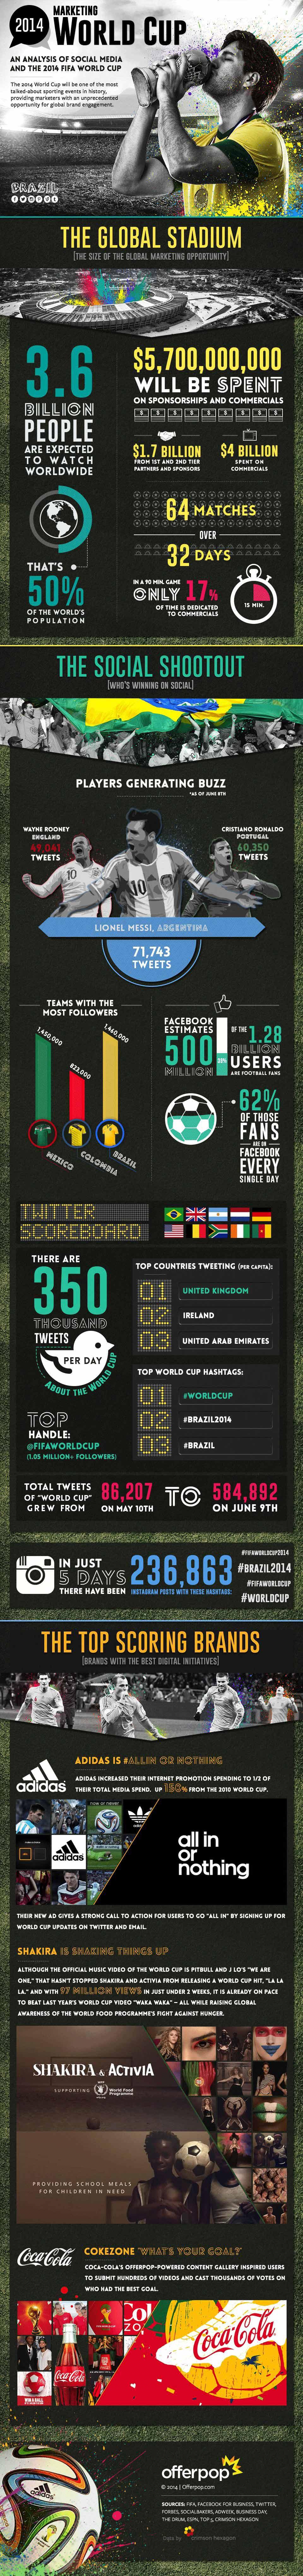 Infographic WK Marketing analyse